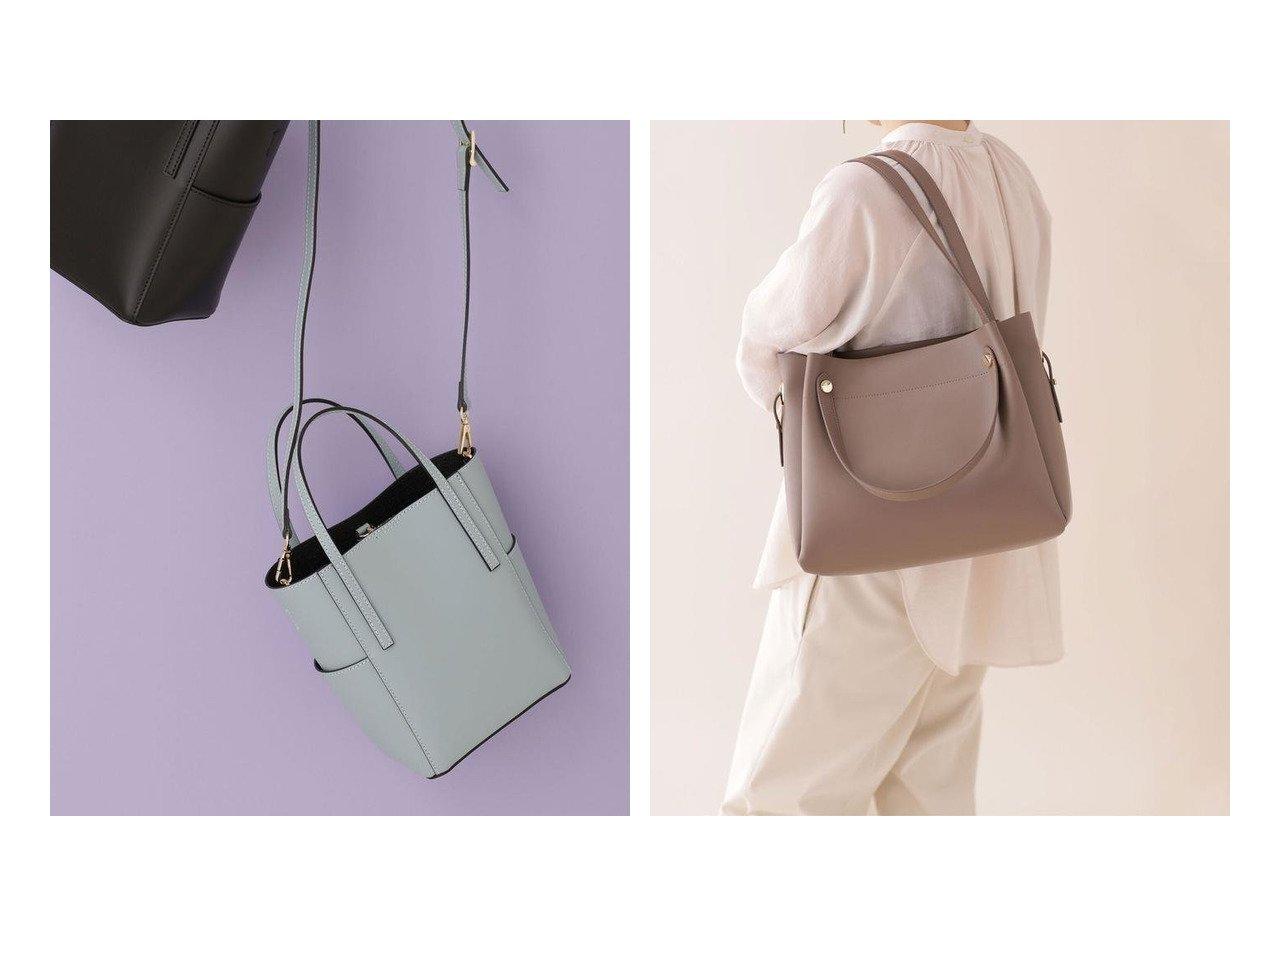 【nano universe/ナノ ユニバース】の3wayインバッグ付きトート&ショルダーミニバッグ バッグ・鞄のおすすめ!人気、トレンド・レディースファッションの通販 おすすめで人気の流行・トレンド、ファッションの通販商品 メンズファッション・キッズファッション・インテリア・家具・レディースファッション・服の通販 founy(ファニー) https://founy.com/ ファッション Fashion レディースファッション WOMEN バッグ Bag ダブル バランス フェイクレザー フォルム ポケット ラップ イタリア コンパクト シンプル ハンドバッグ フェミニン 再入荷 Restock/Back in Stock/Re Arrival |ID:crp329100000023945